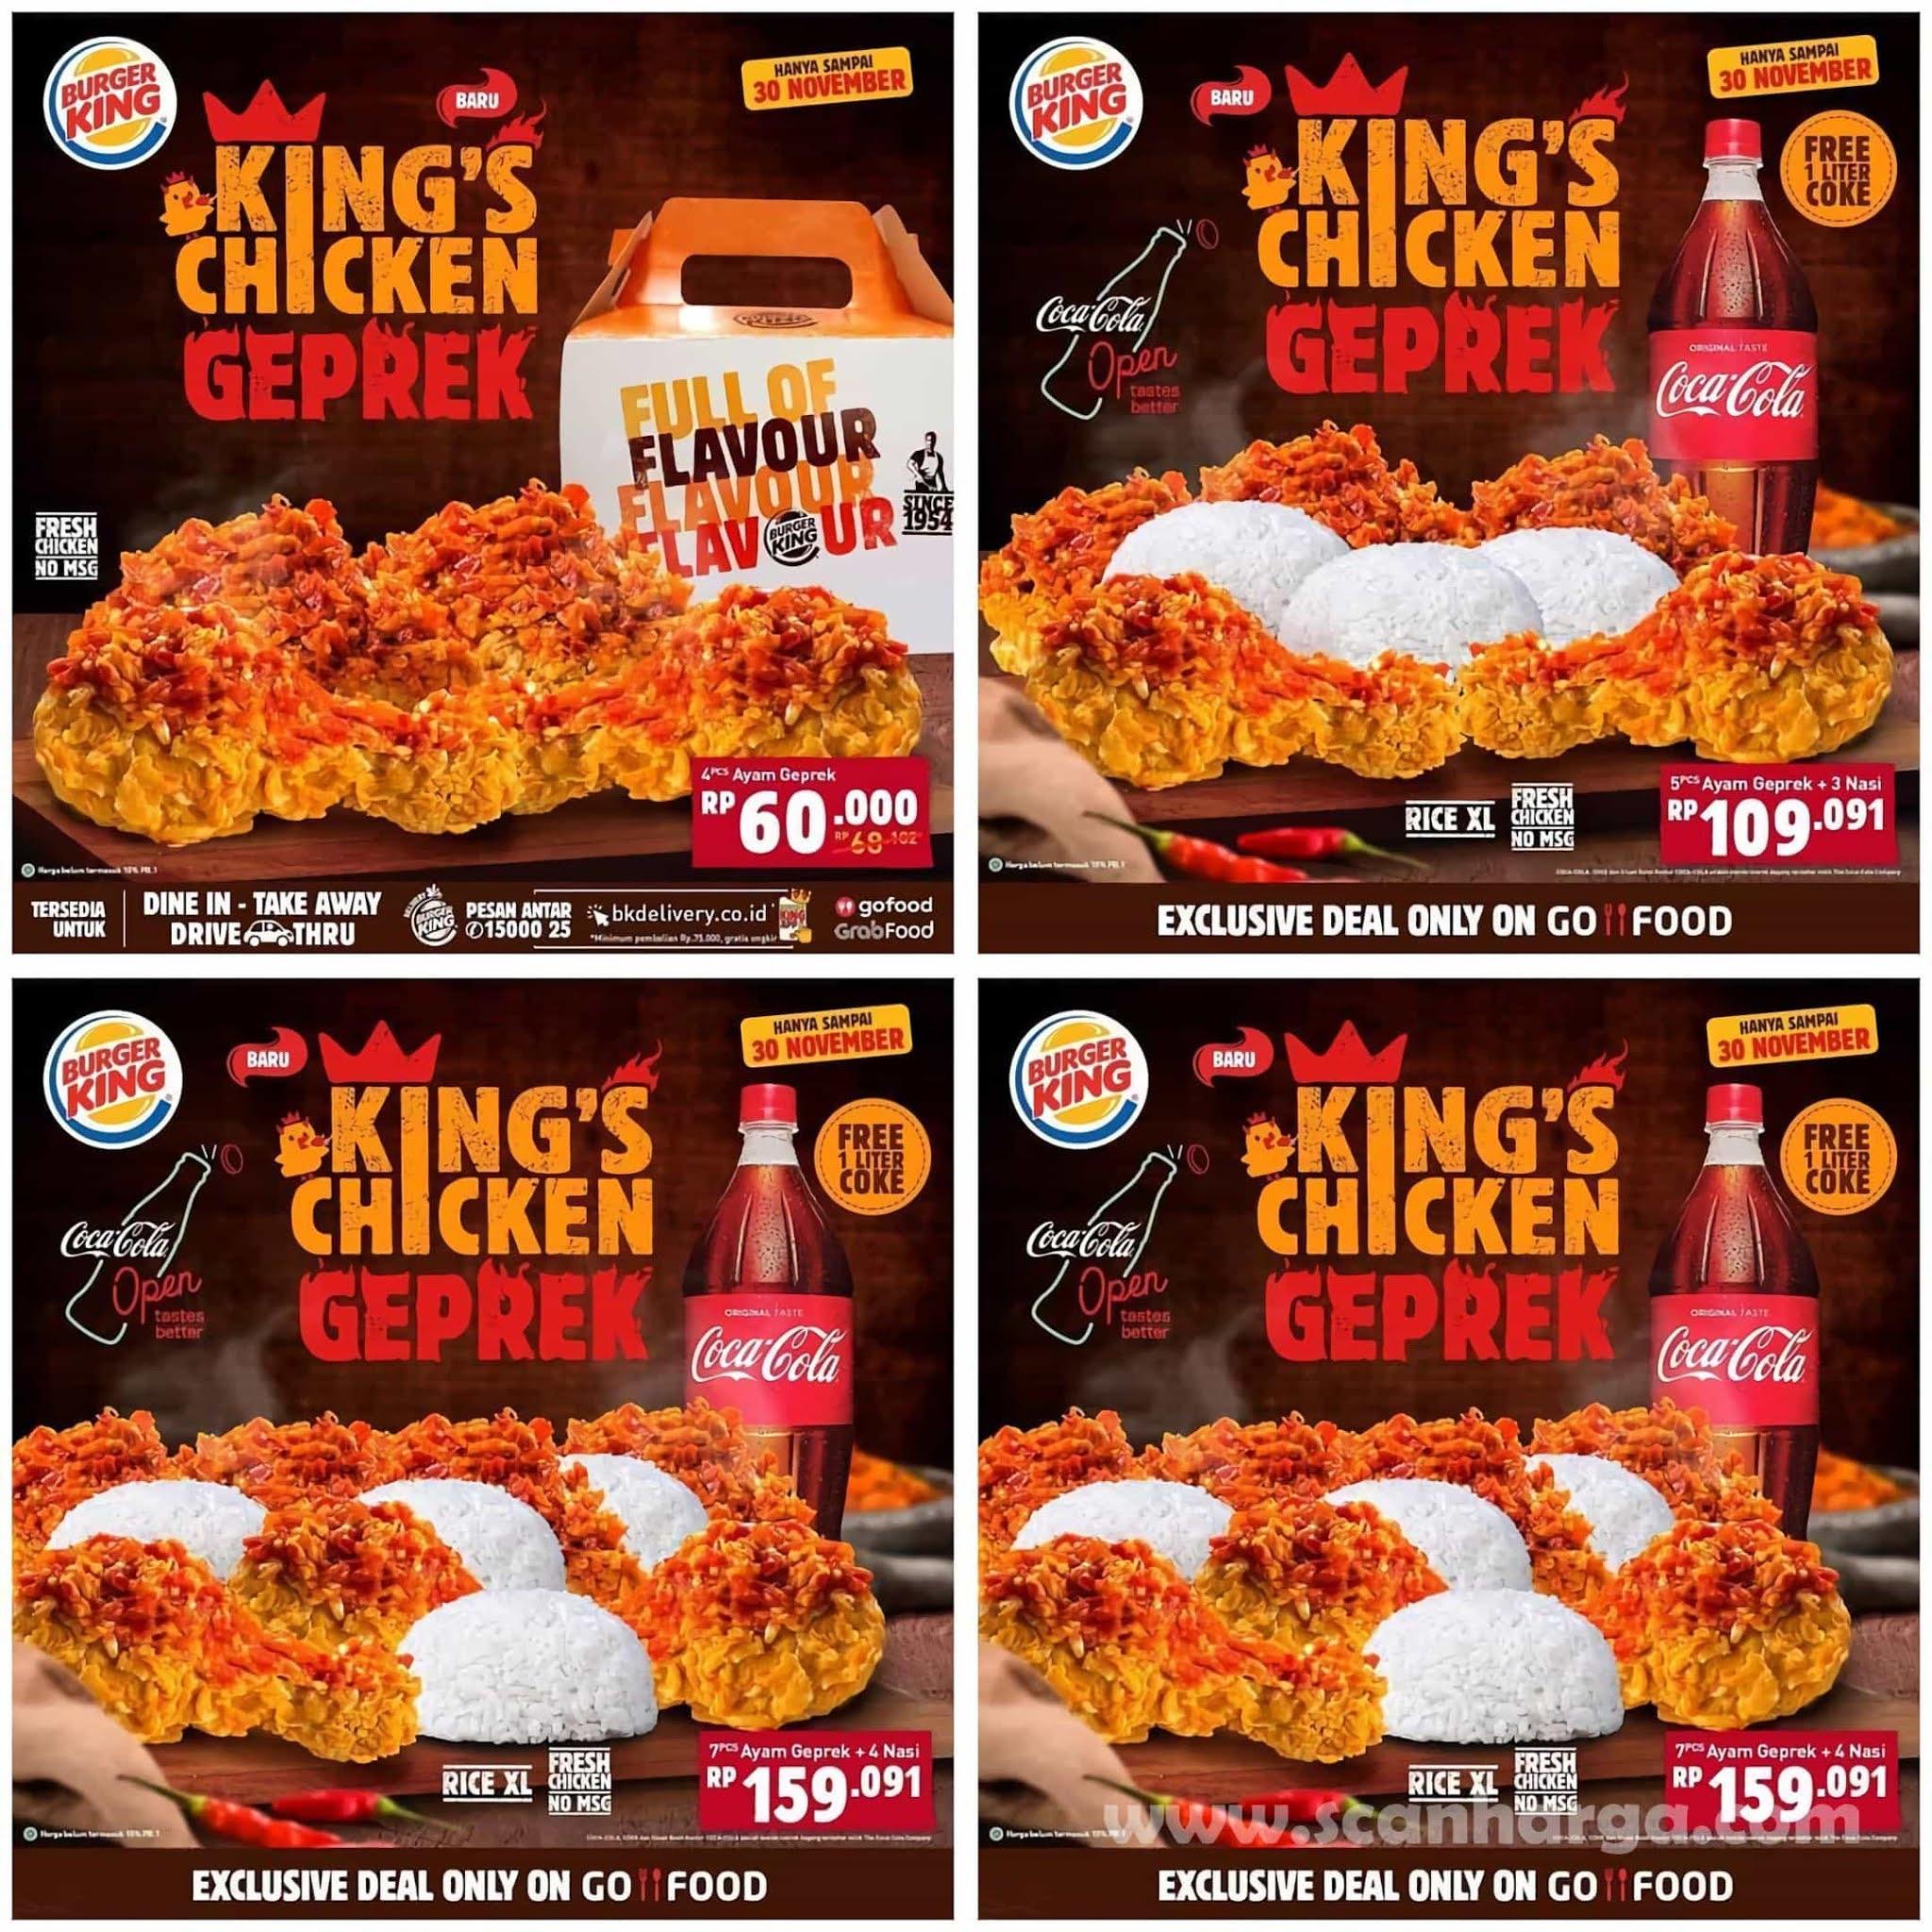 Burger King BUPREK & CHICKEN GEPREK mulai dari Rp 23.182,- hingga 30 November 2020